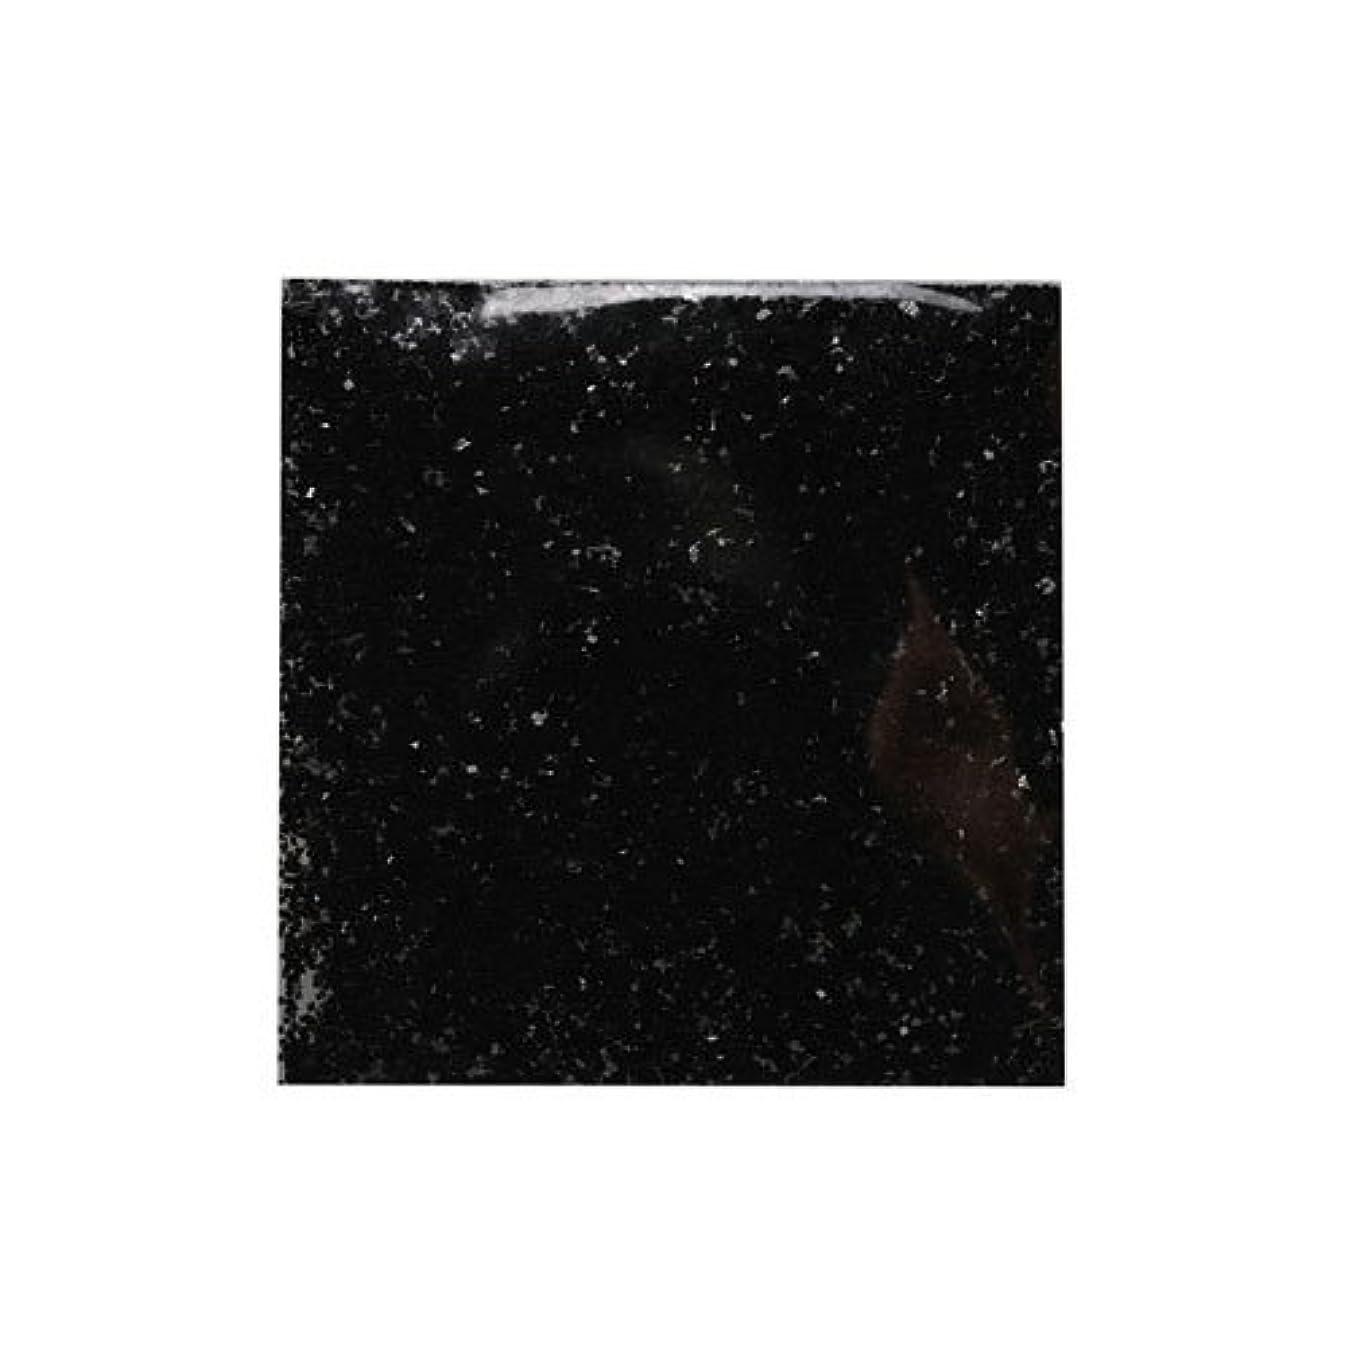 麻酔薬瞳スロットピカエース ネイル用パウダー ラメメタリック M #537 ブラック 2g アート材